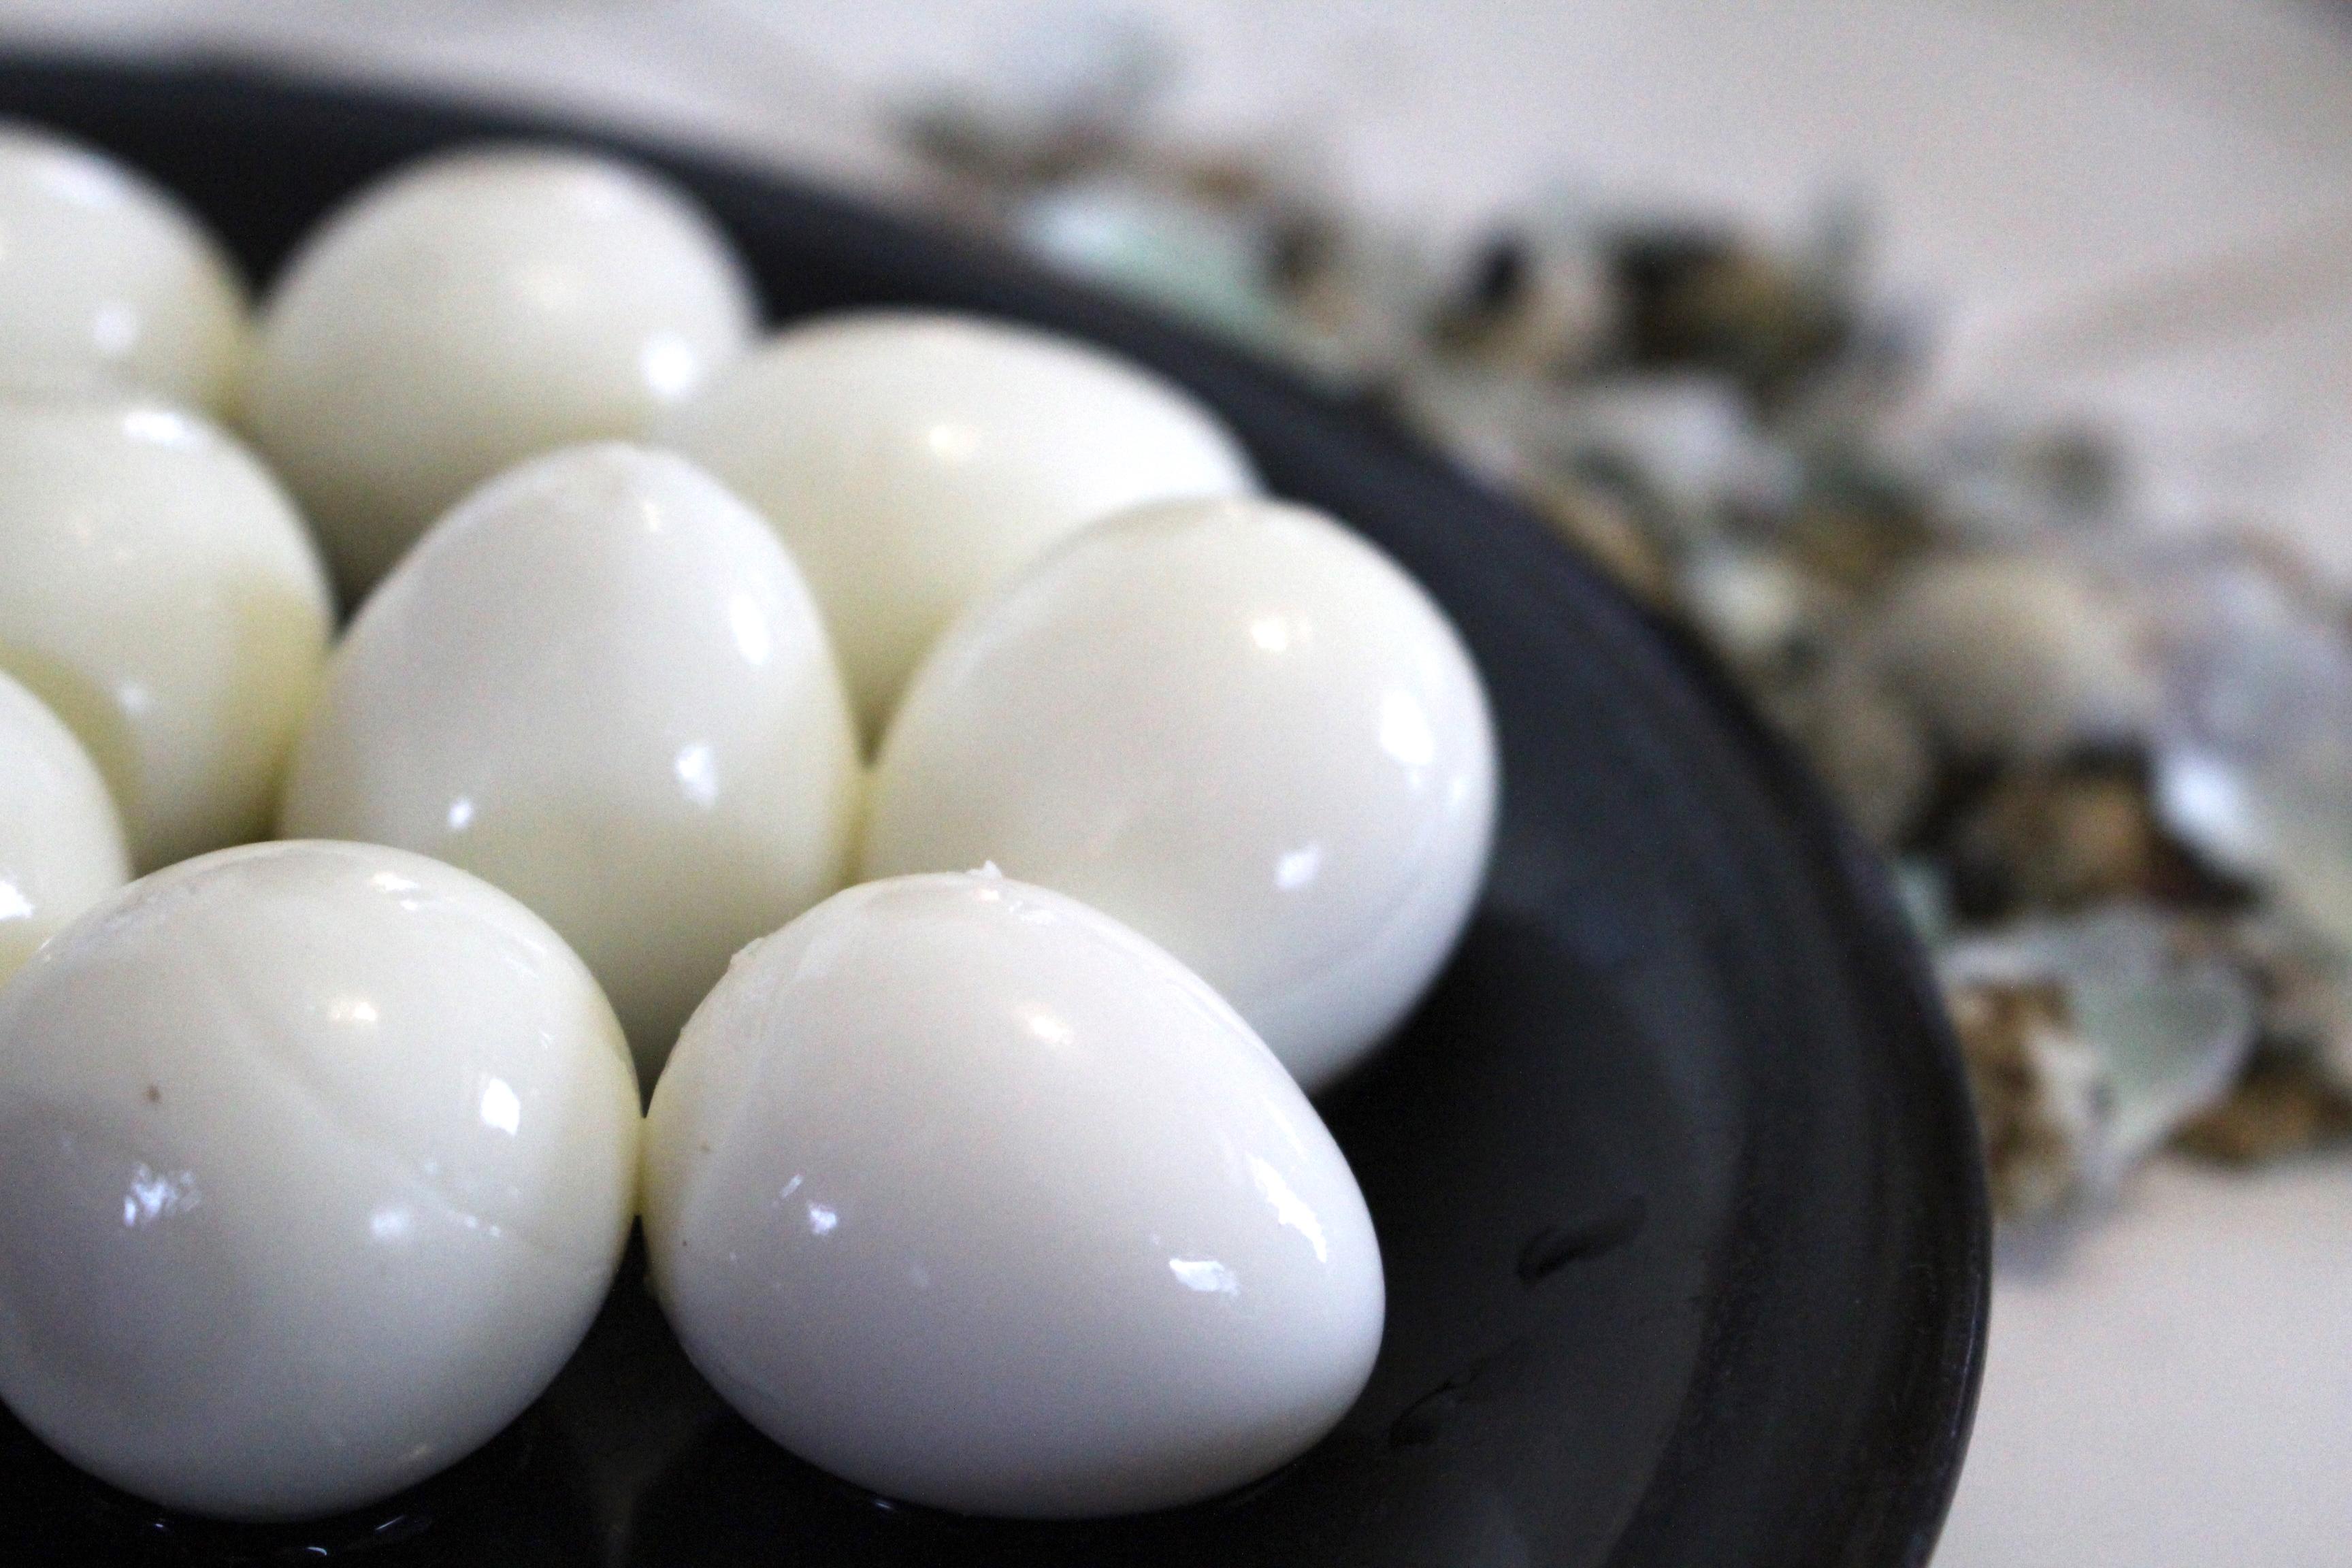 Peeled quail eggs for pickling